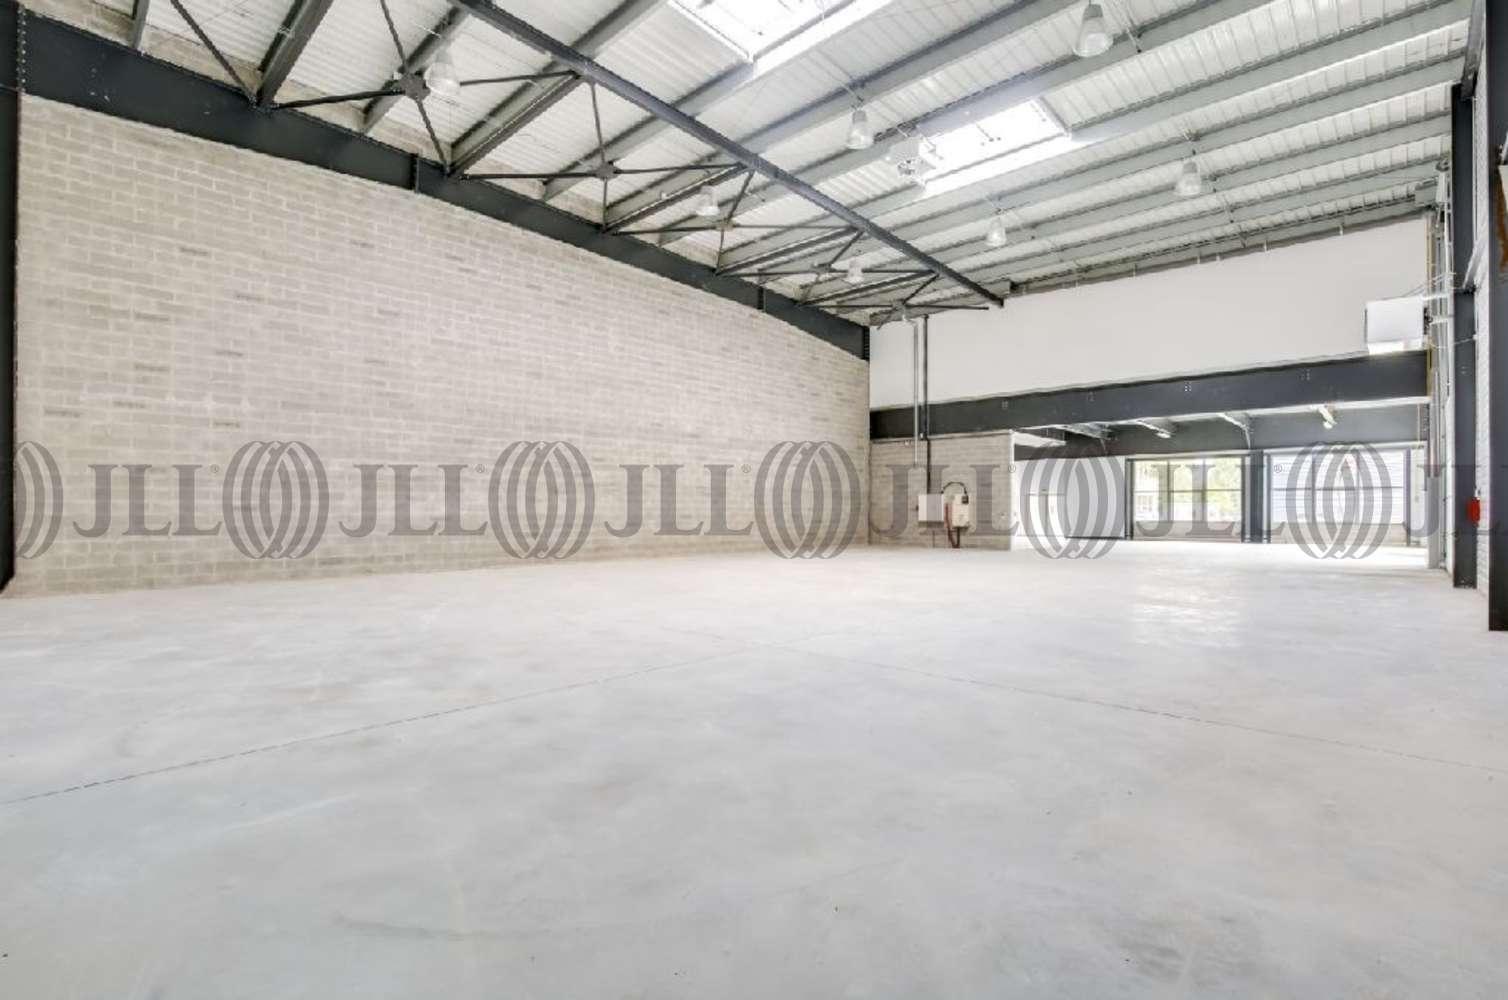 Activités/entrepôt Villebon sur yvette, 91140 - PARC DE L'ATLANTIQUE - NORMA - 9586550